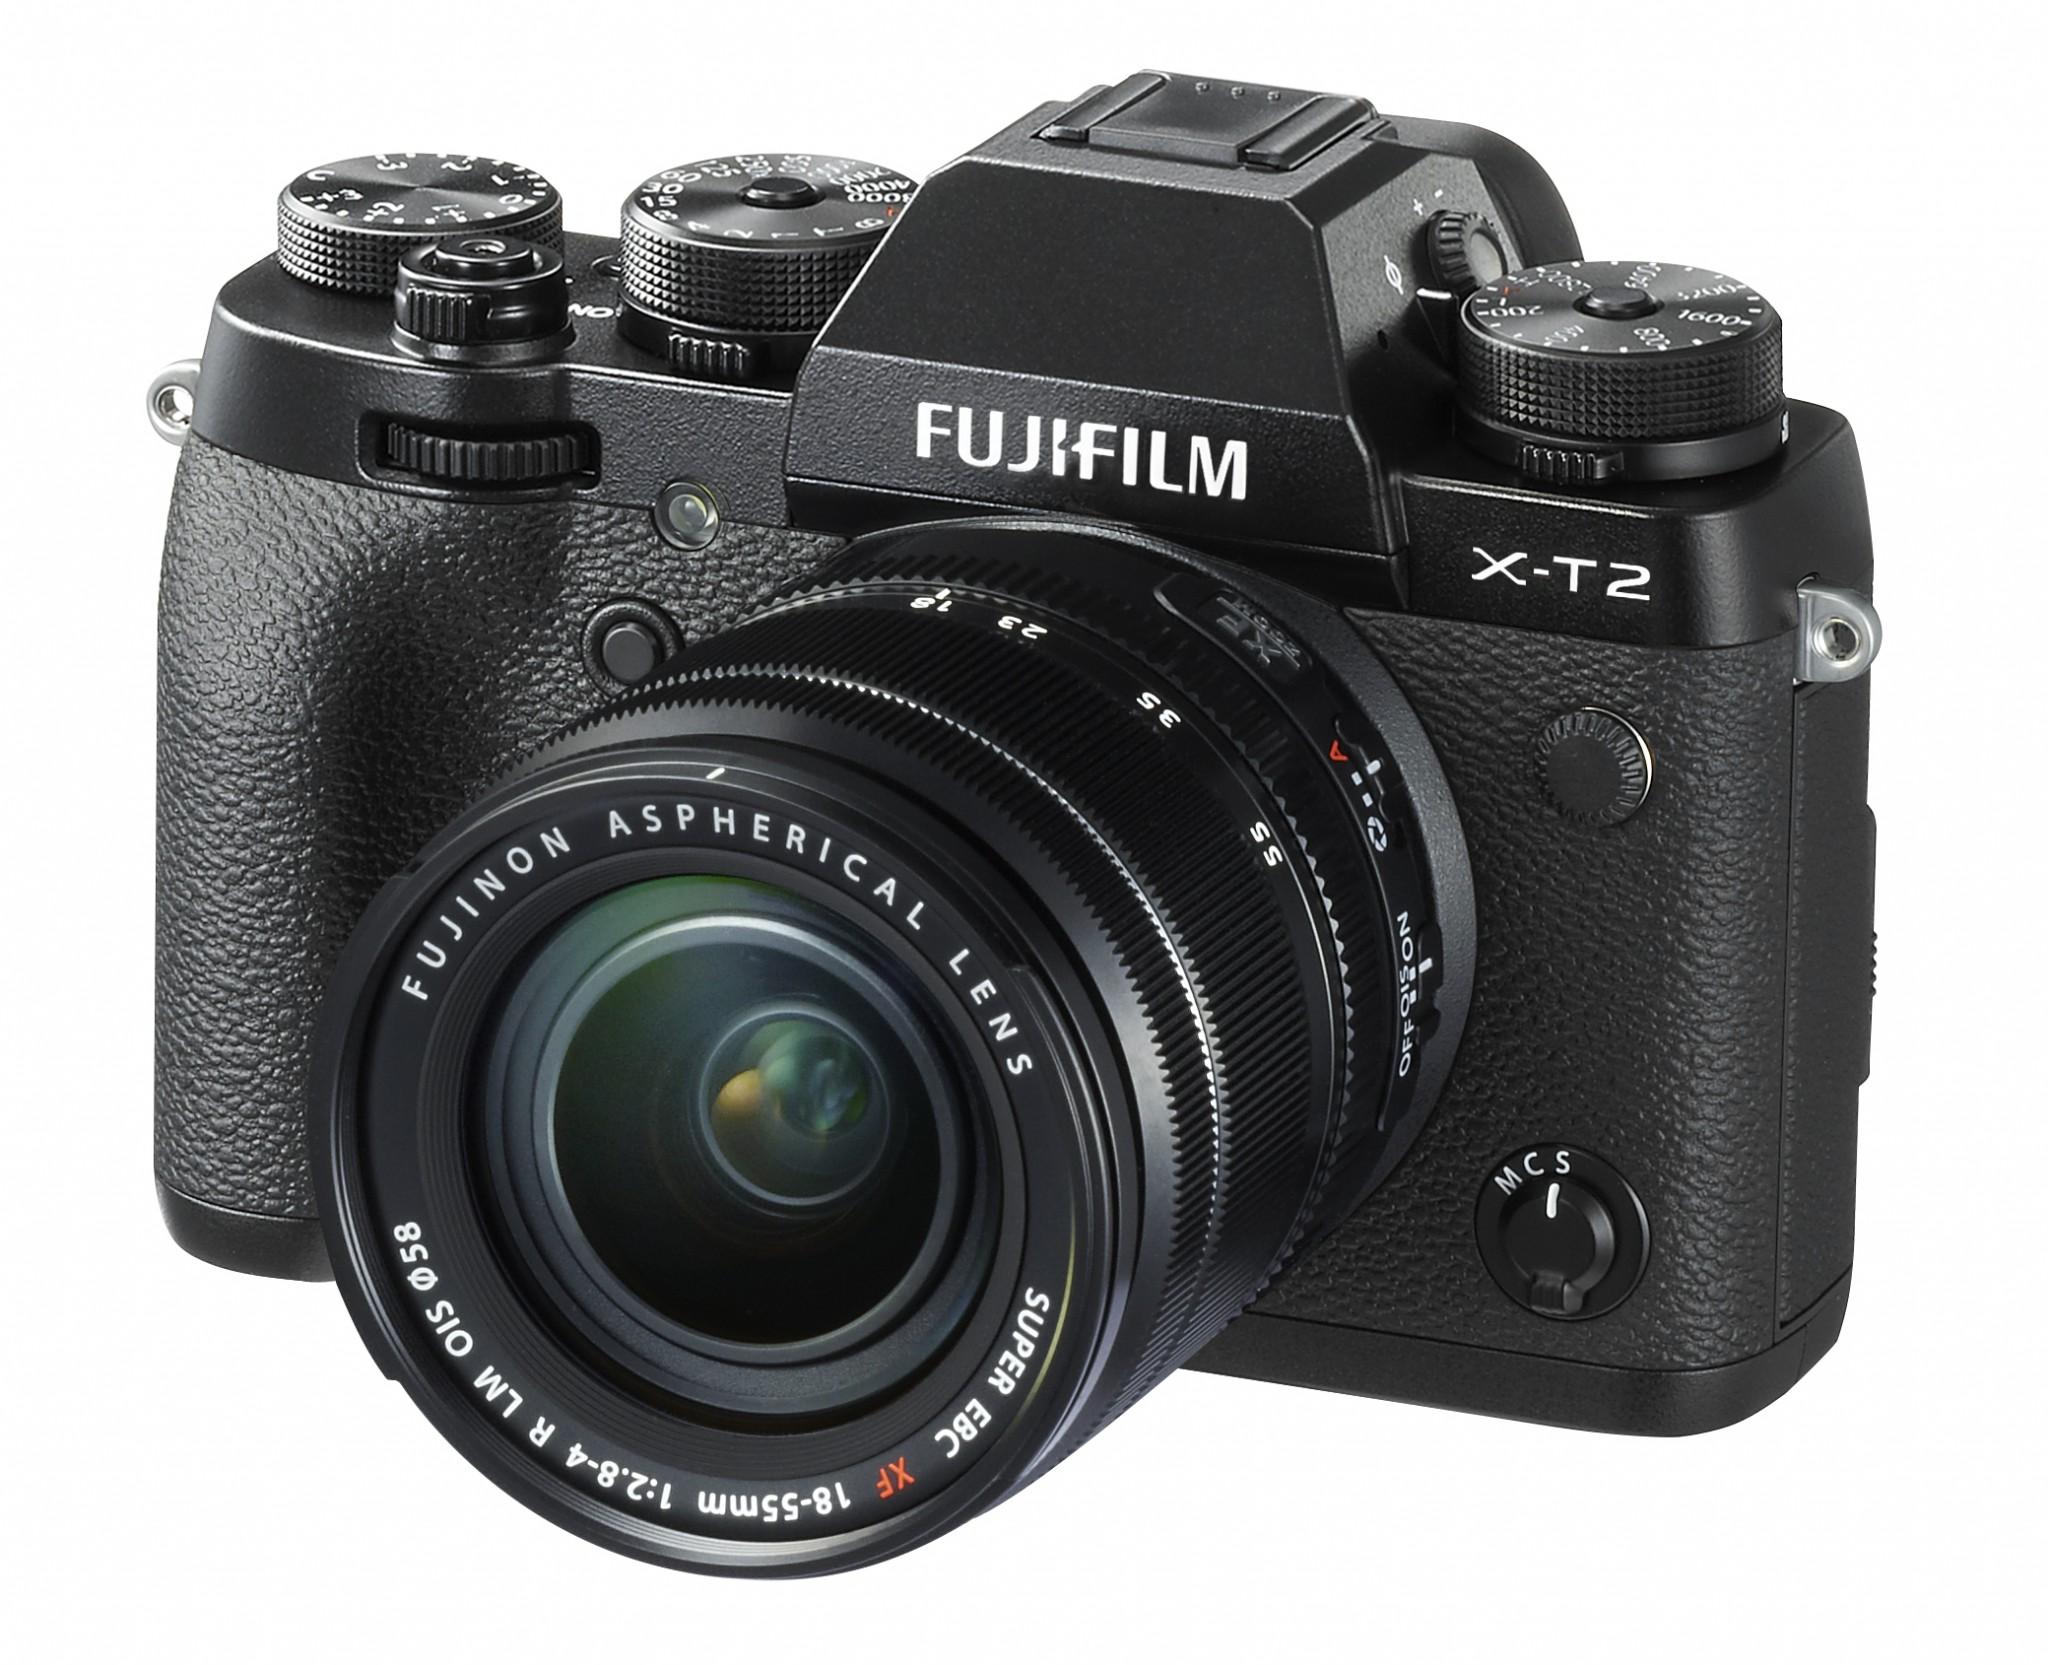 FUJIFILM X-T2 mit 18-55mm Objektiv - Frontansicht